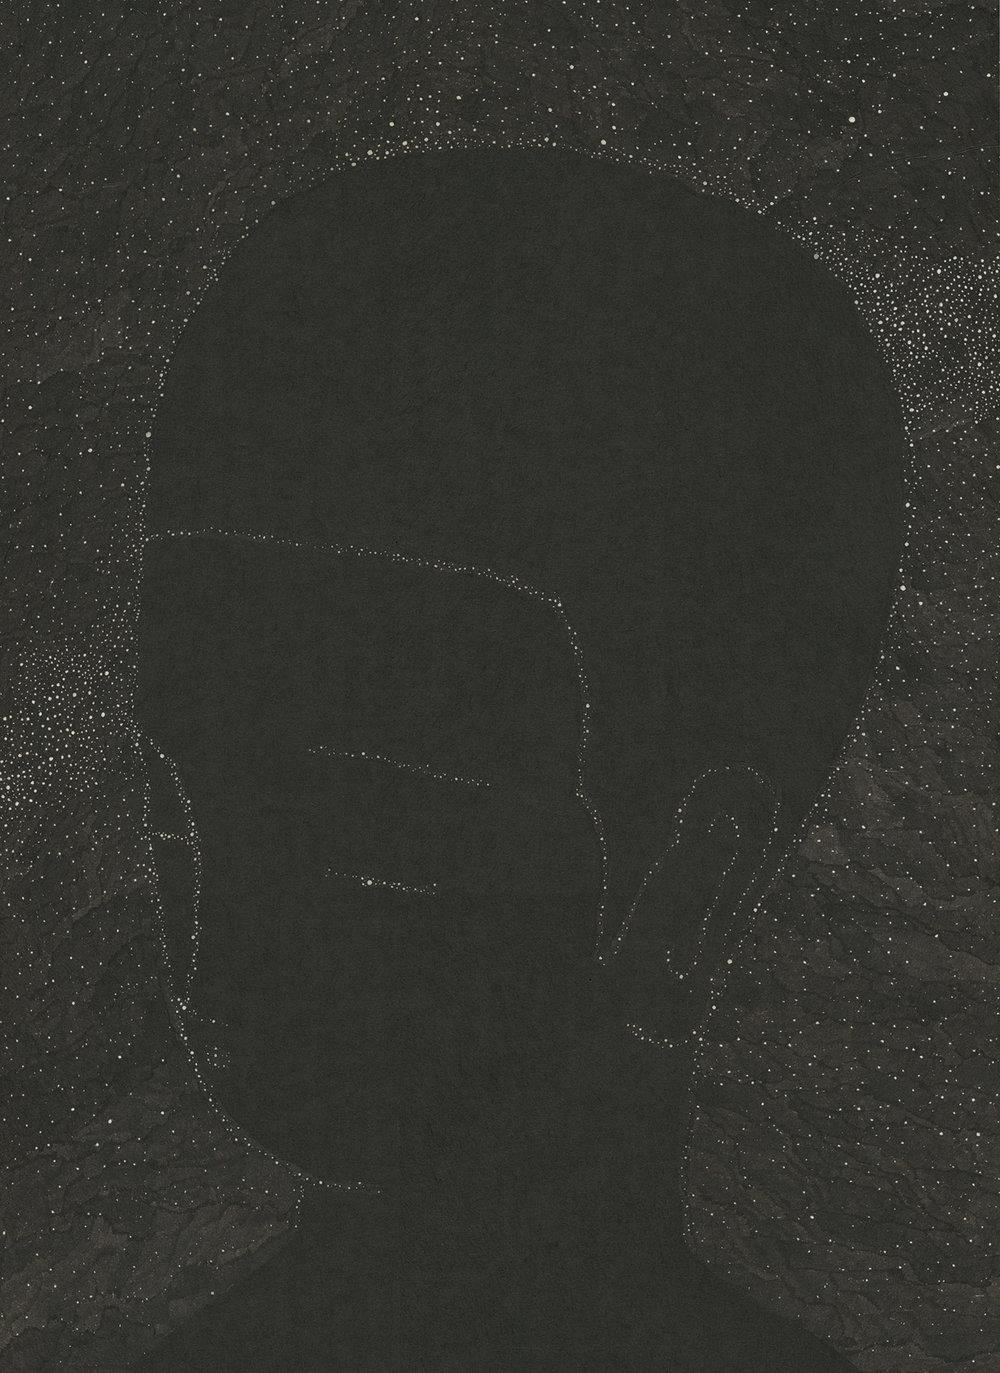 짓고 허무는 경계 I / Ephemeral silhouette I Op.0163P -33.5 x 46 cm,한지에 먹 / Korean ink on Korean paper, 2017